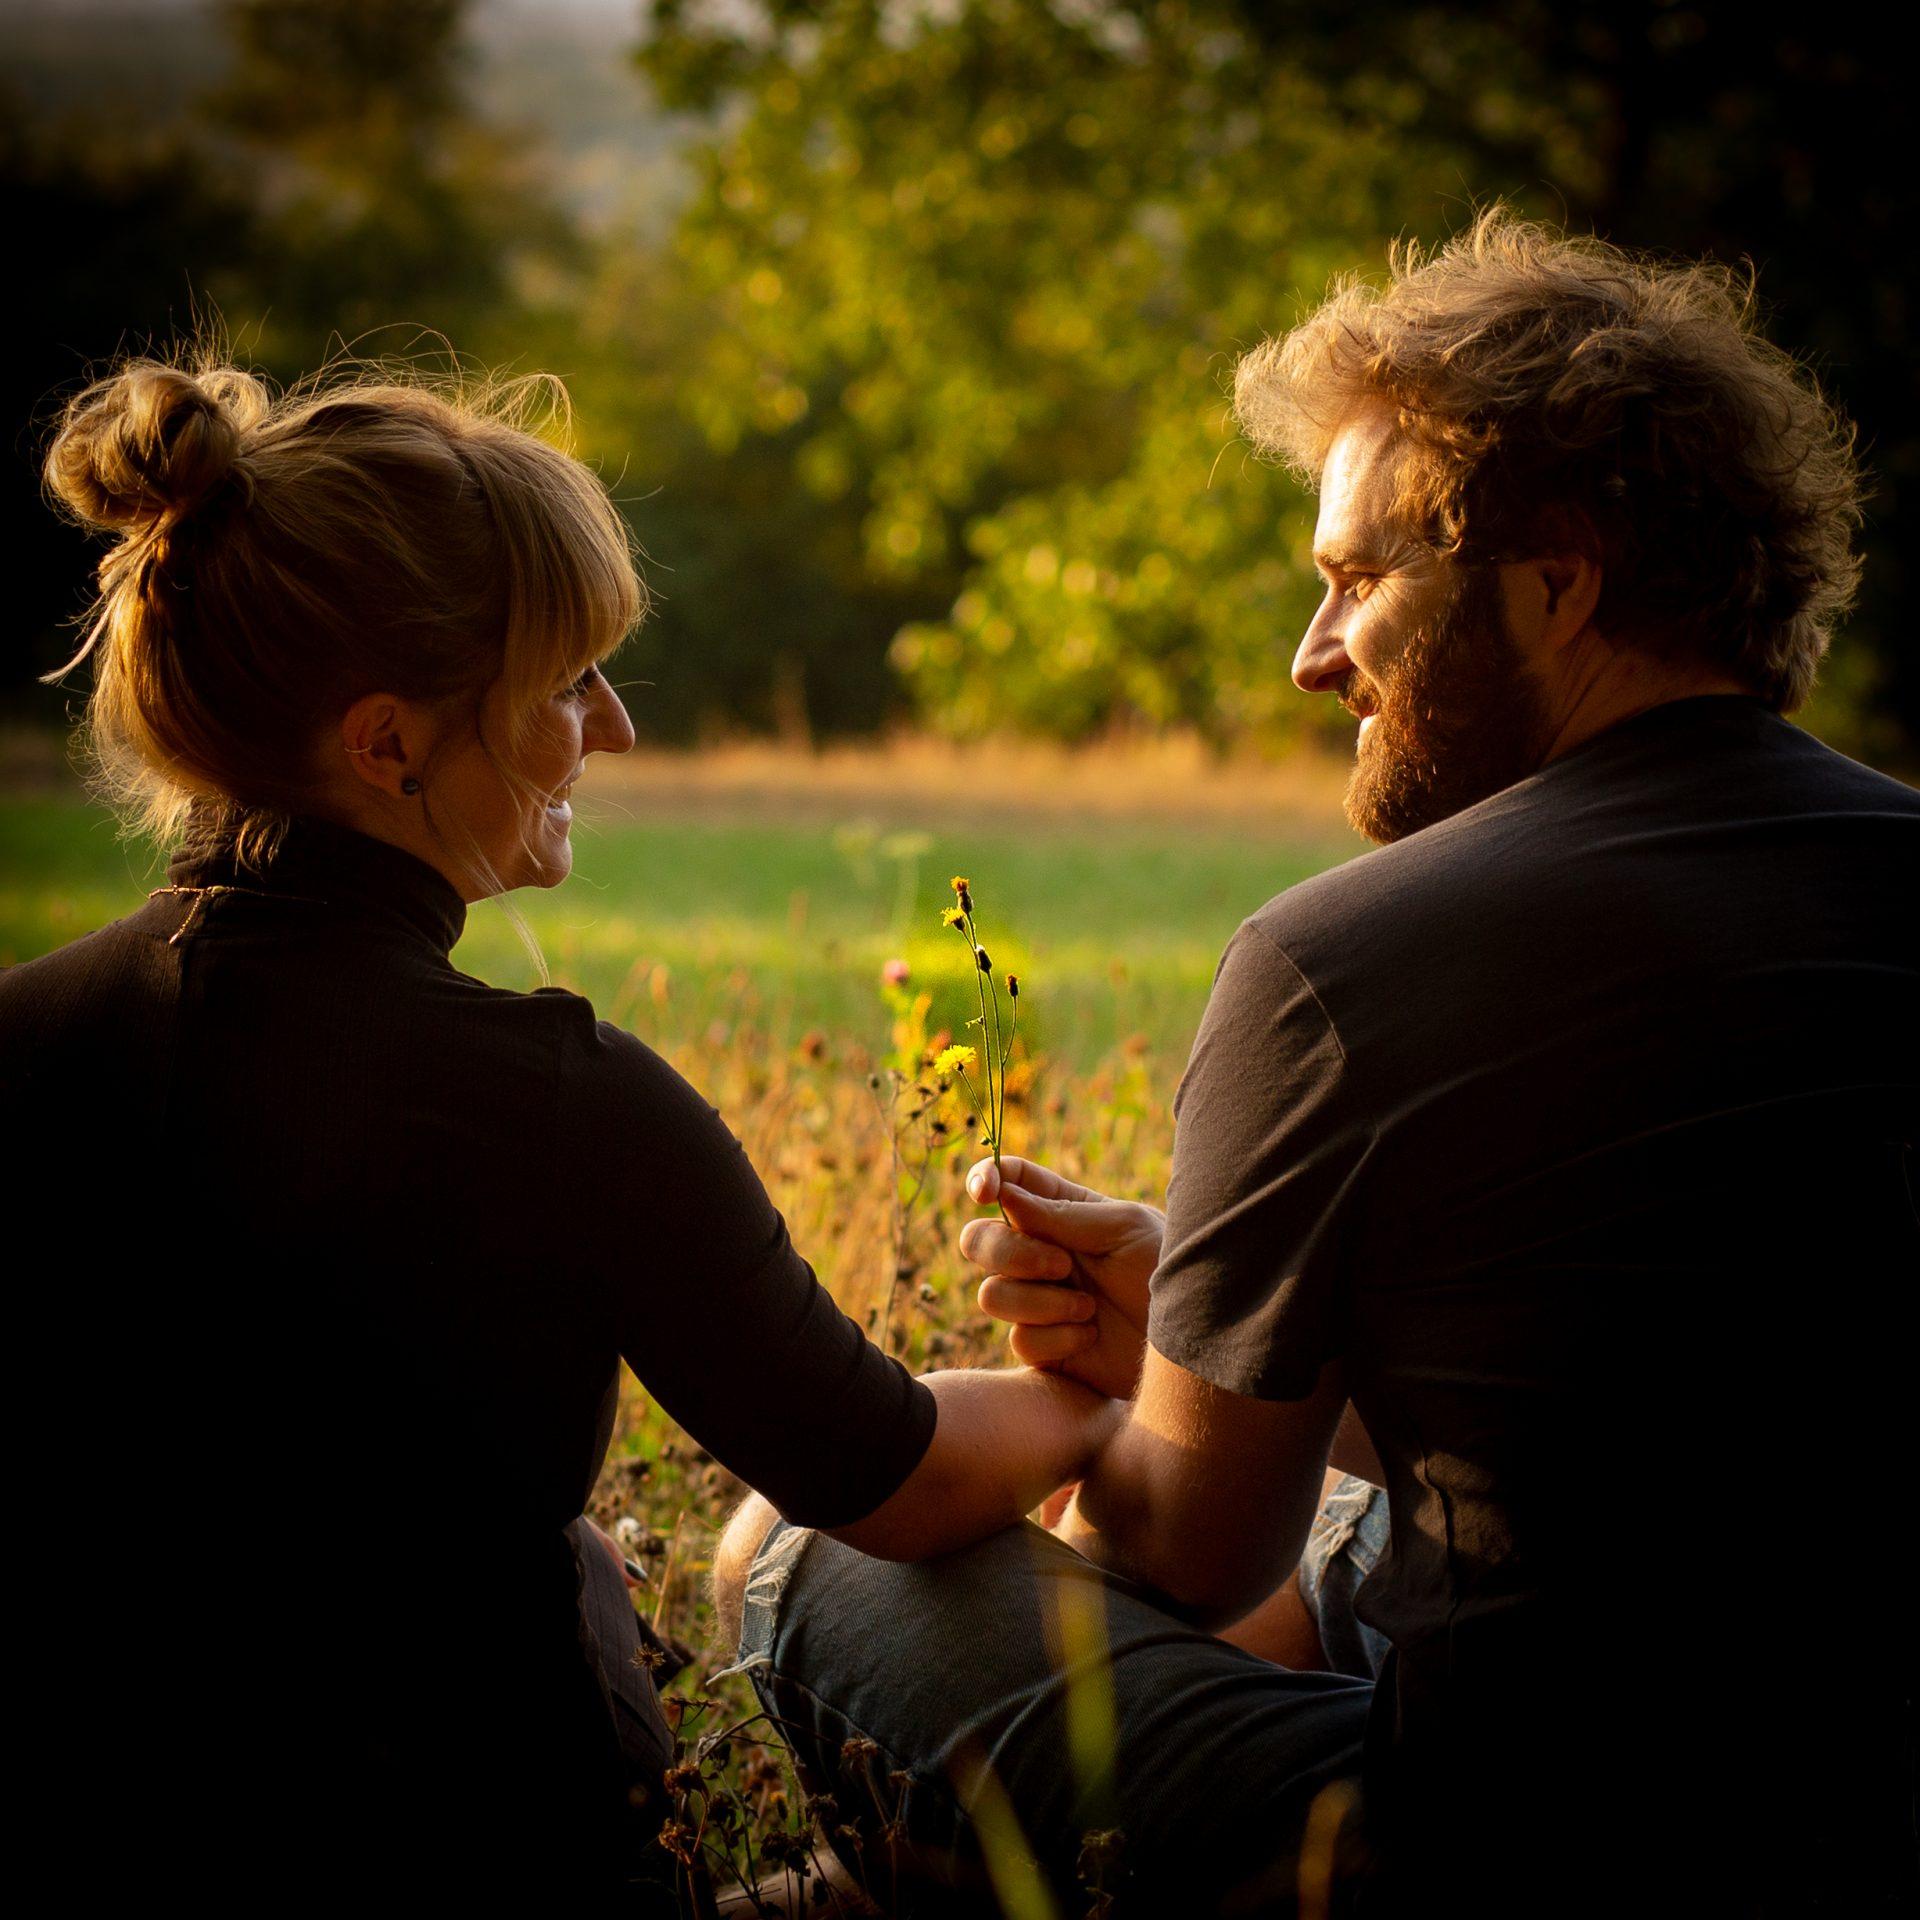 Paar Portrait im Sonnenuntergang auf einer Wiese - Fotografin Anja Schnell